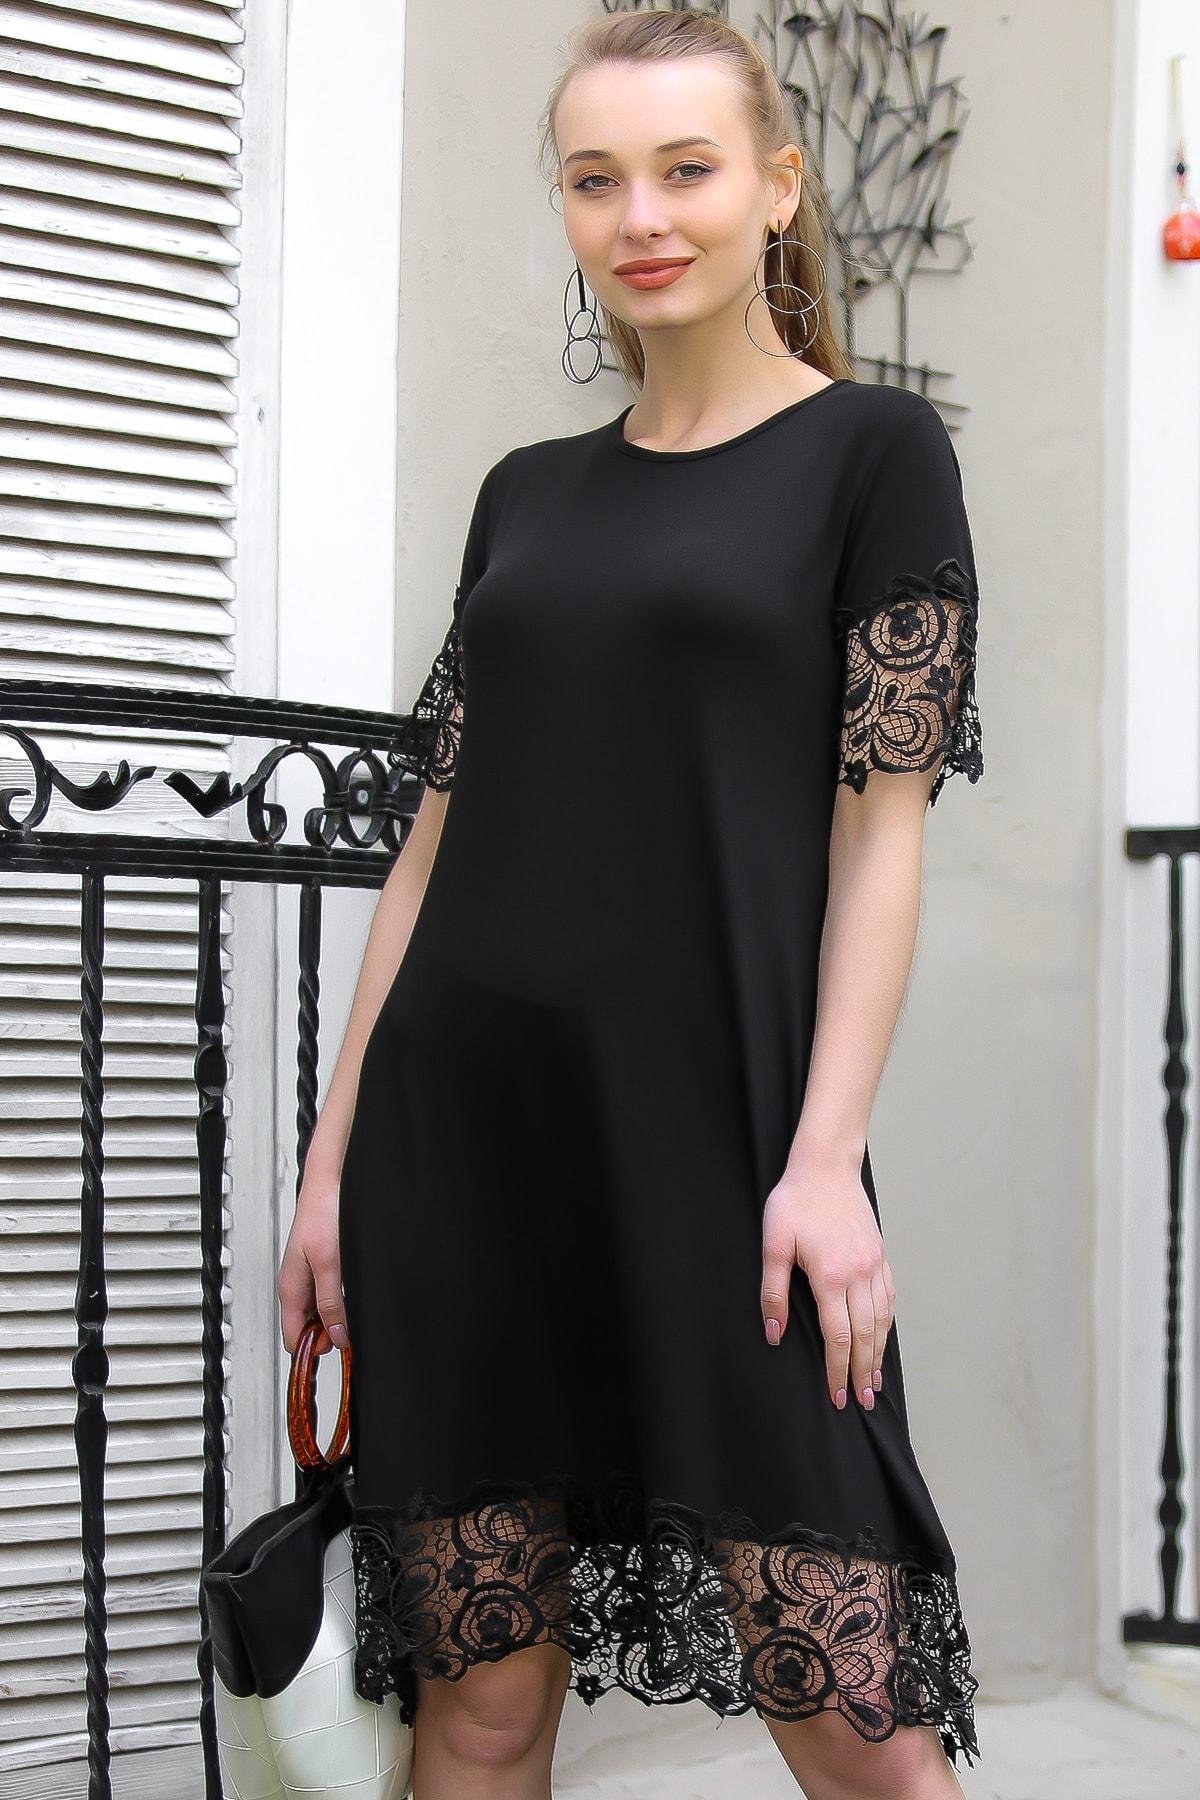 Chiccy Kadın Siyah Vintage Kolları Ve Etek Ucu Gipür Detaylı Elbise M10160000El96872